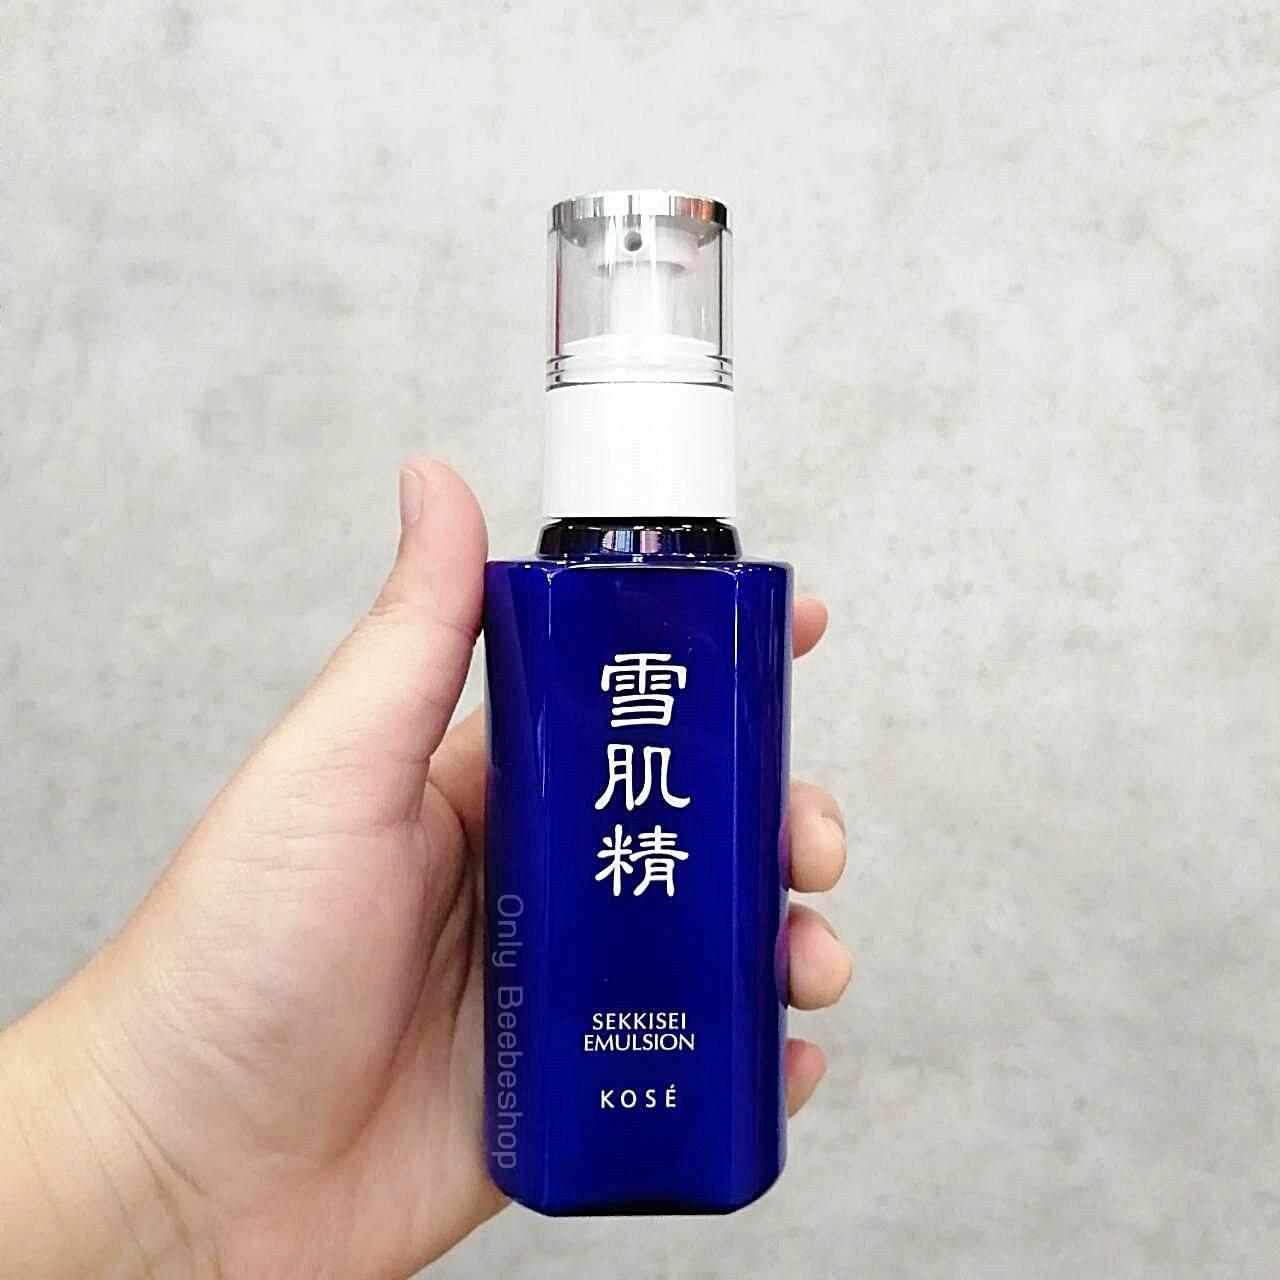 ซื้อที่ไหน ล็อตผลิต 01/2019 Kose น้ำนมถนอมผิว Sekkisei Emulsion 140ml